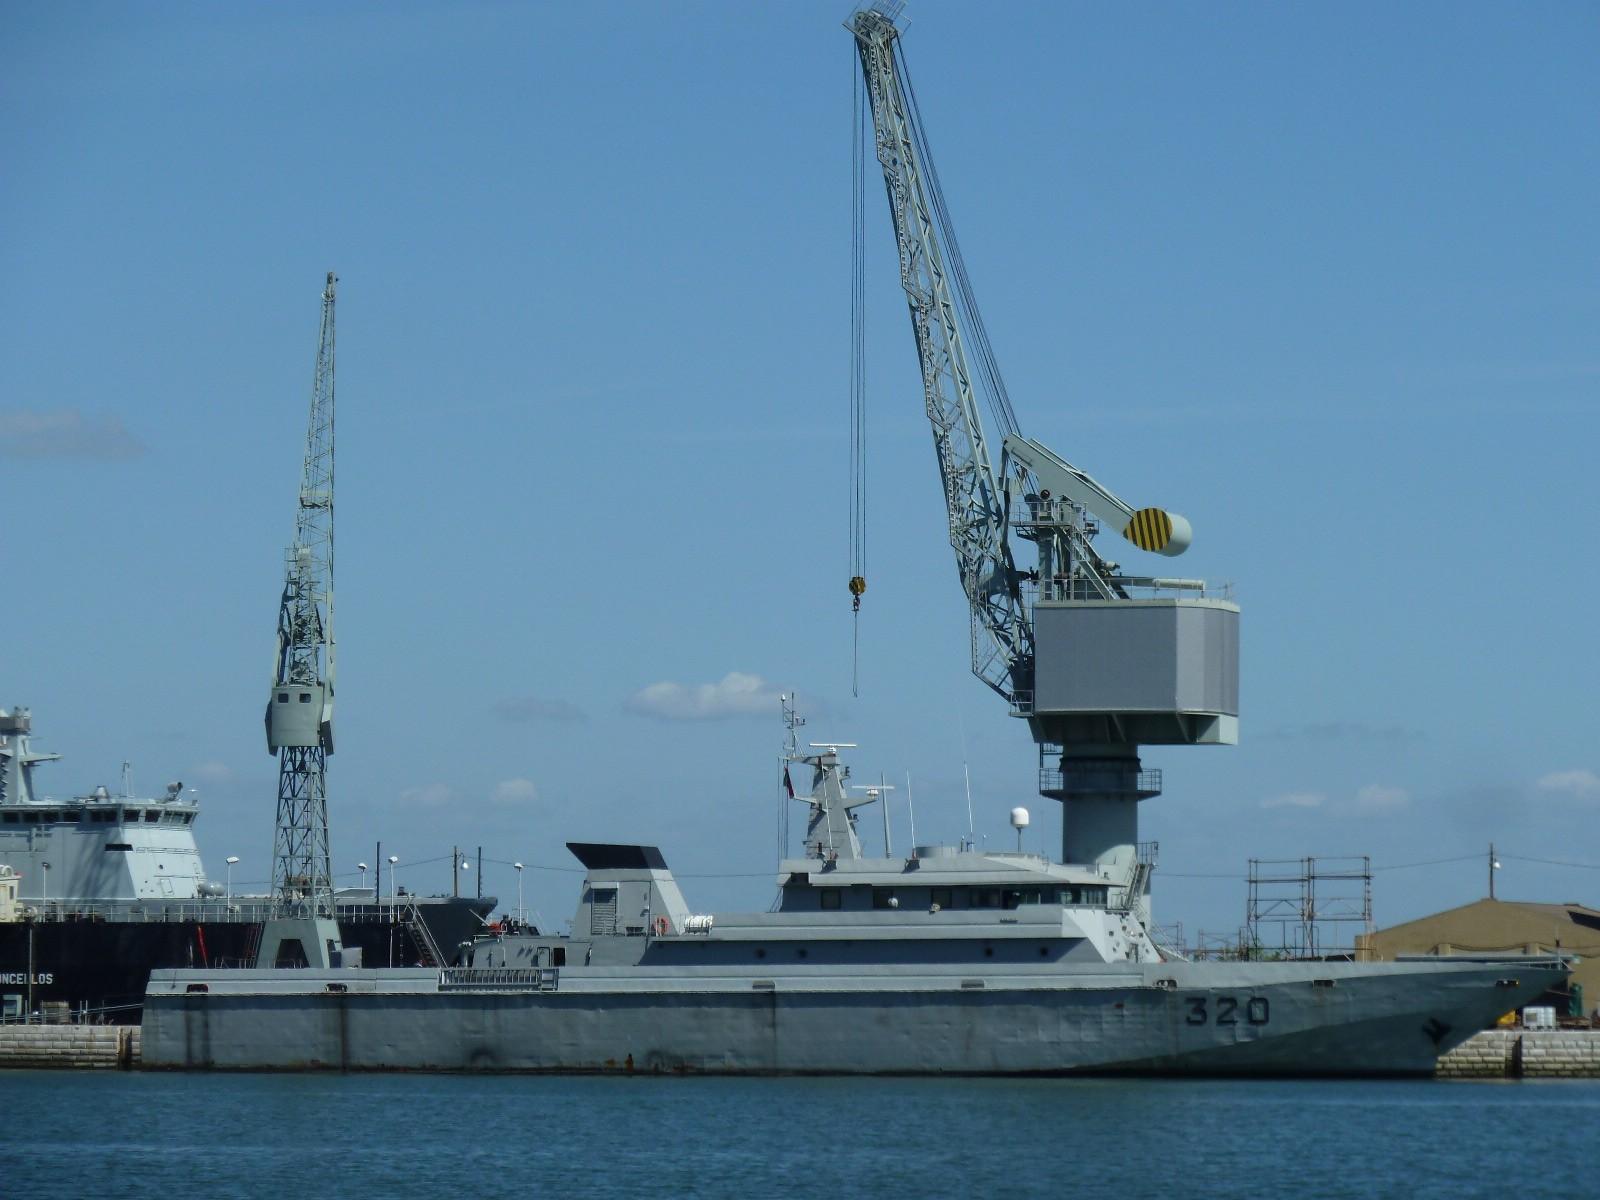 Réparation et Modernisation des navires de la MRM au Portugal - Page 2 Misc176